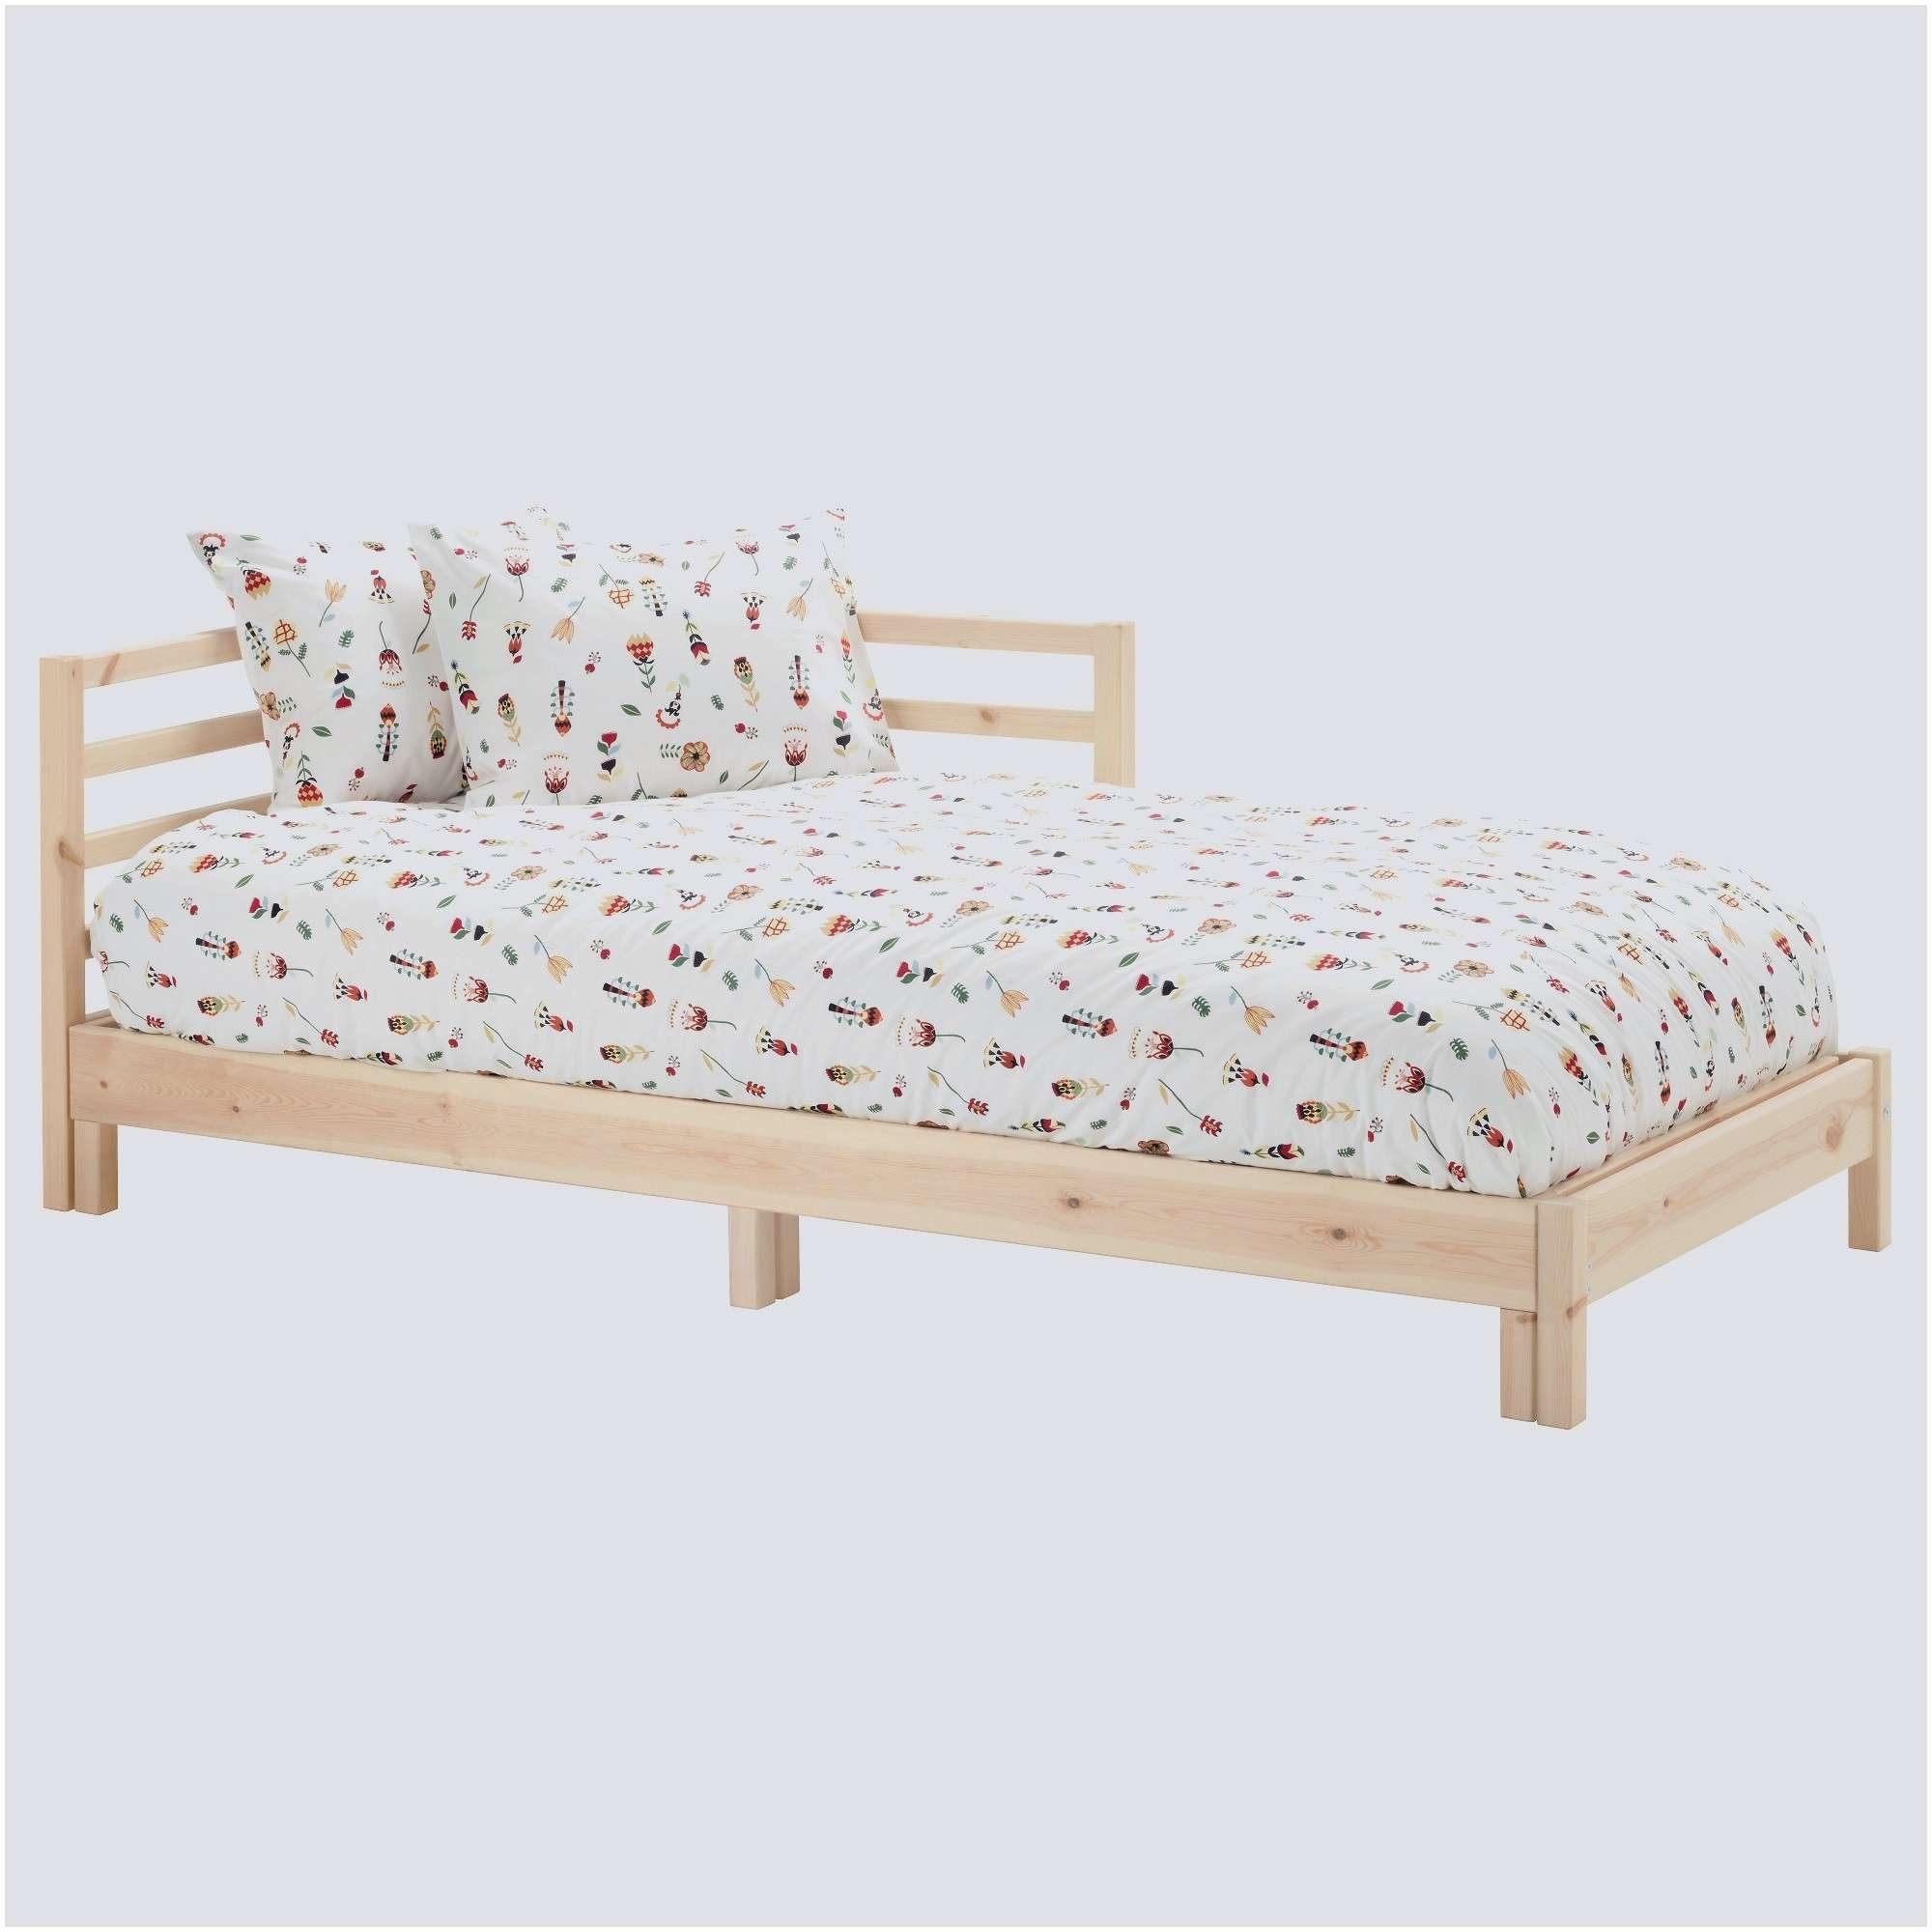 Lit Gigogne Adulte Ikea Inspirant Luxe Lit Gigogne Adulte 2 Places Luxe Banquette Lit 0d Simple De